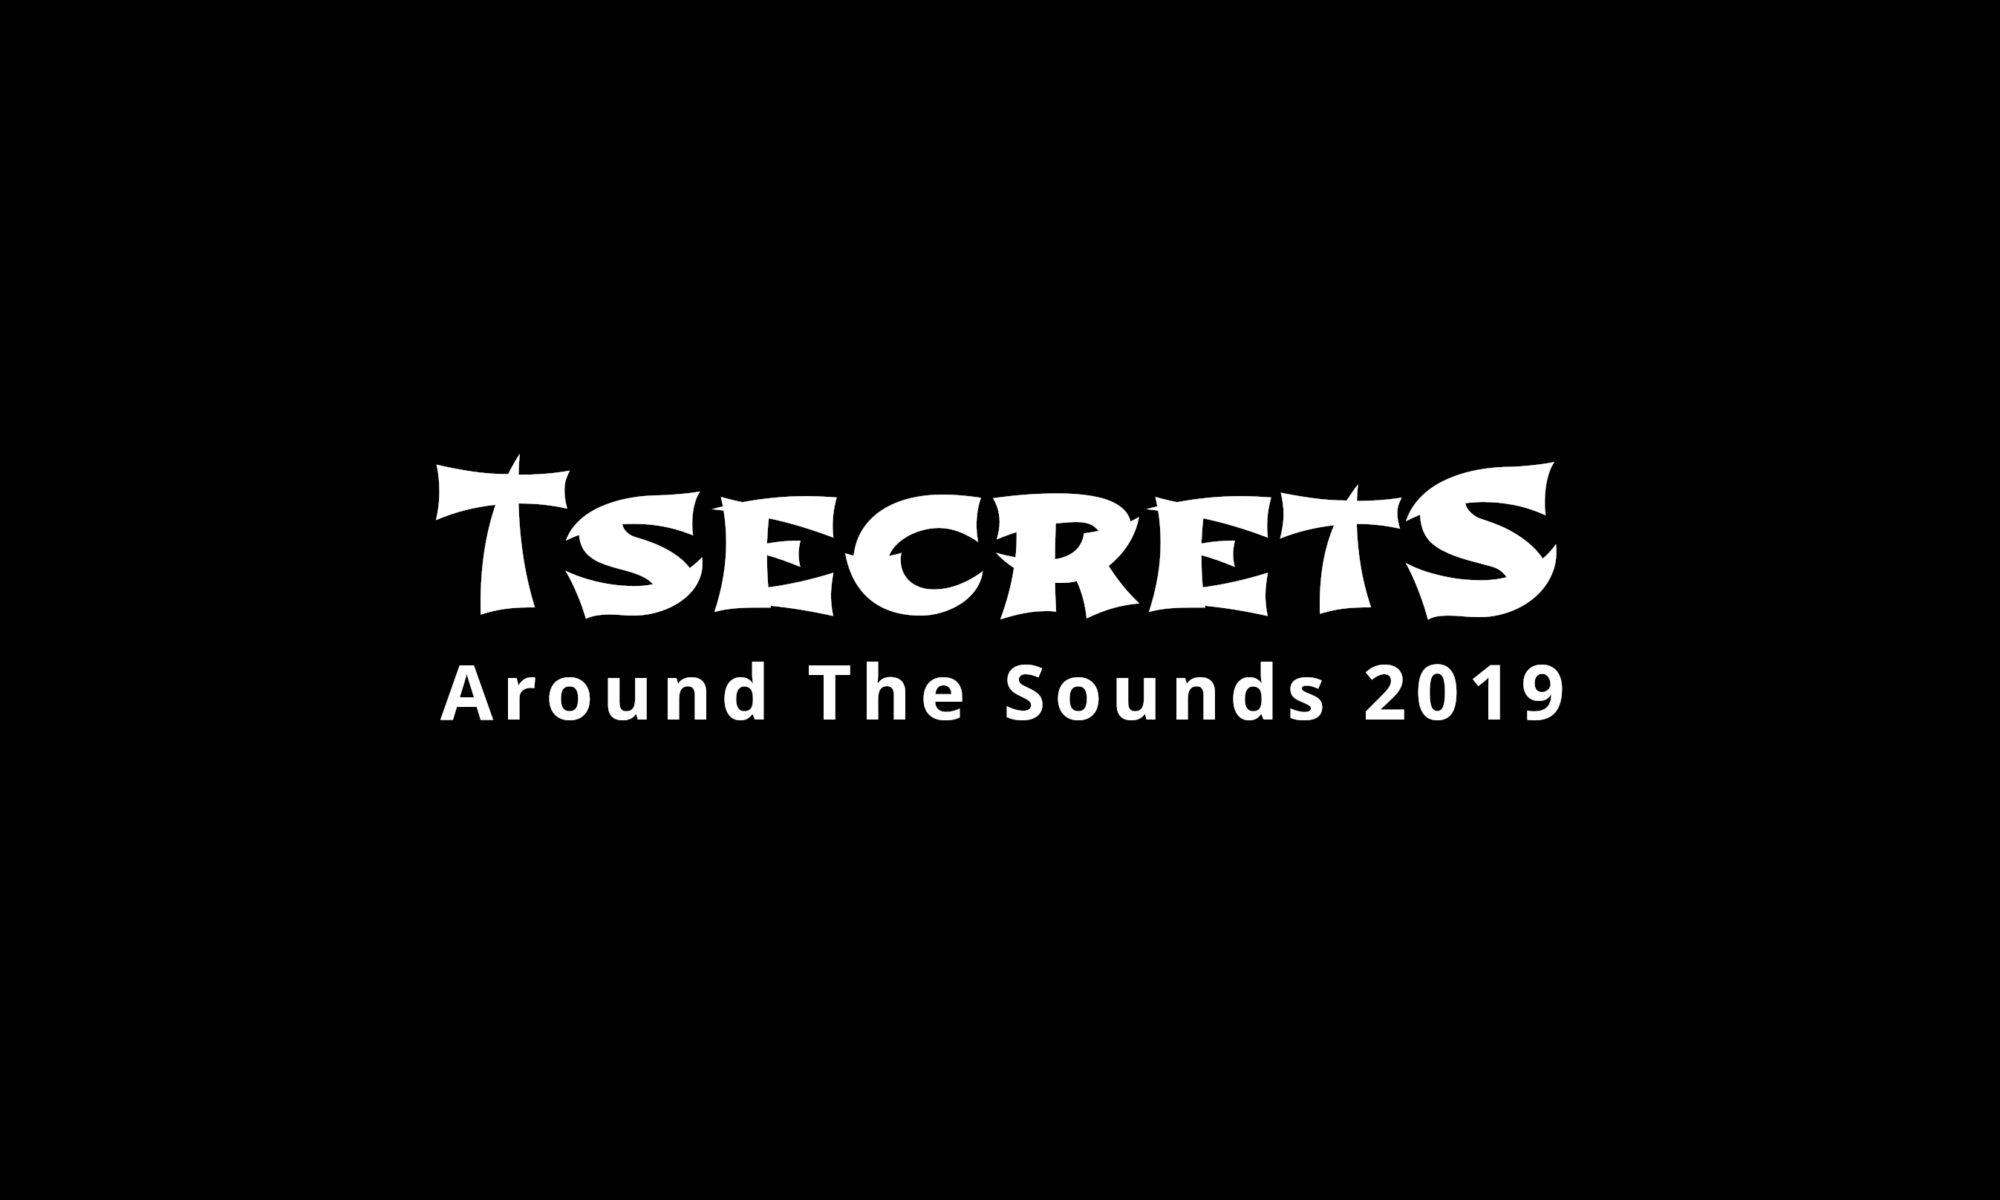 TsecretS - Music